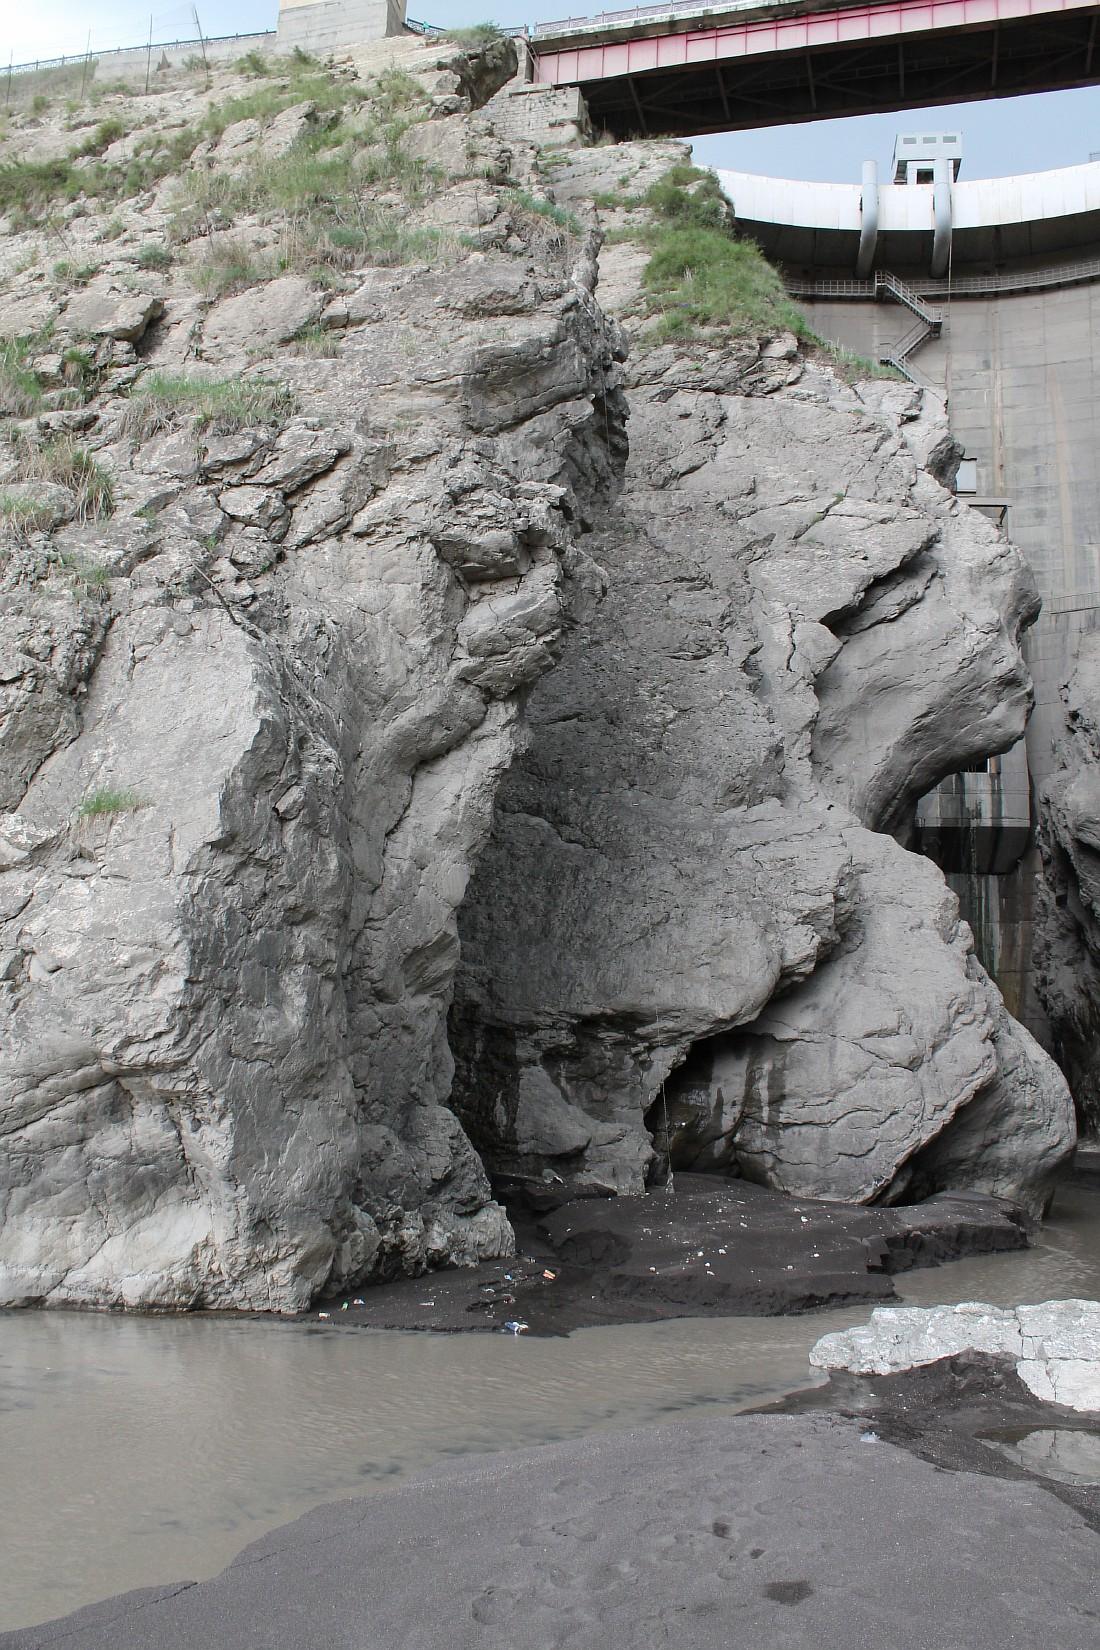 Дагестан, Аксанов Нияз, блог-тур, kukmor, фотография, Россия, ГЭС, гидроэнергетика, Гунибская ГЭС, Русгидро, 2012г,  of IMG_7518